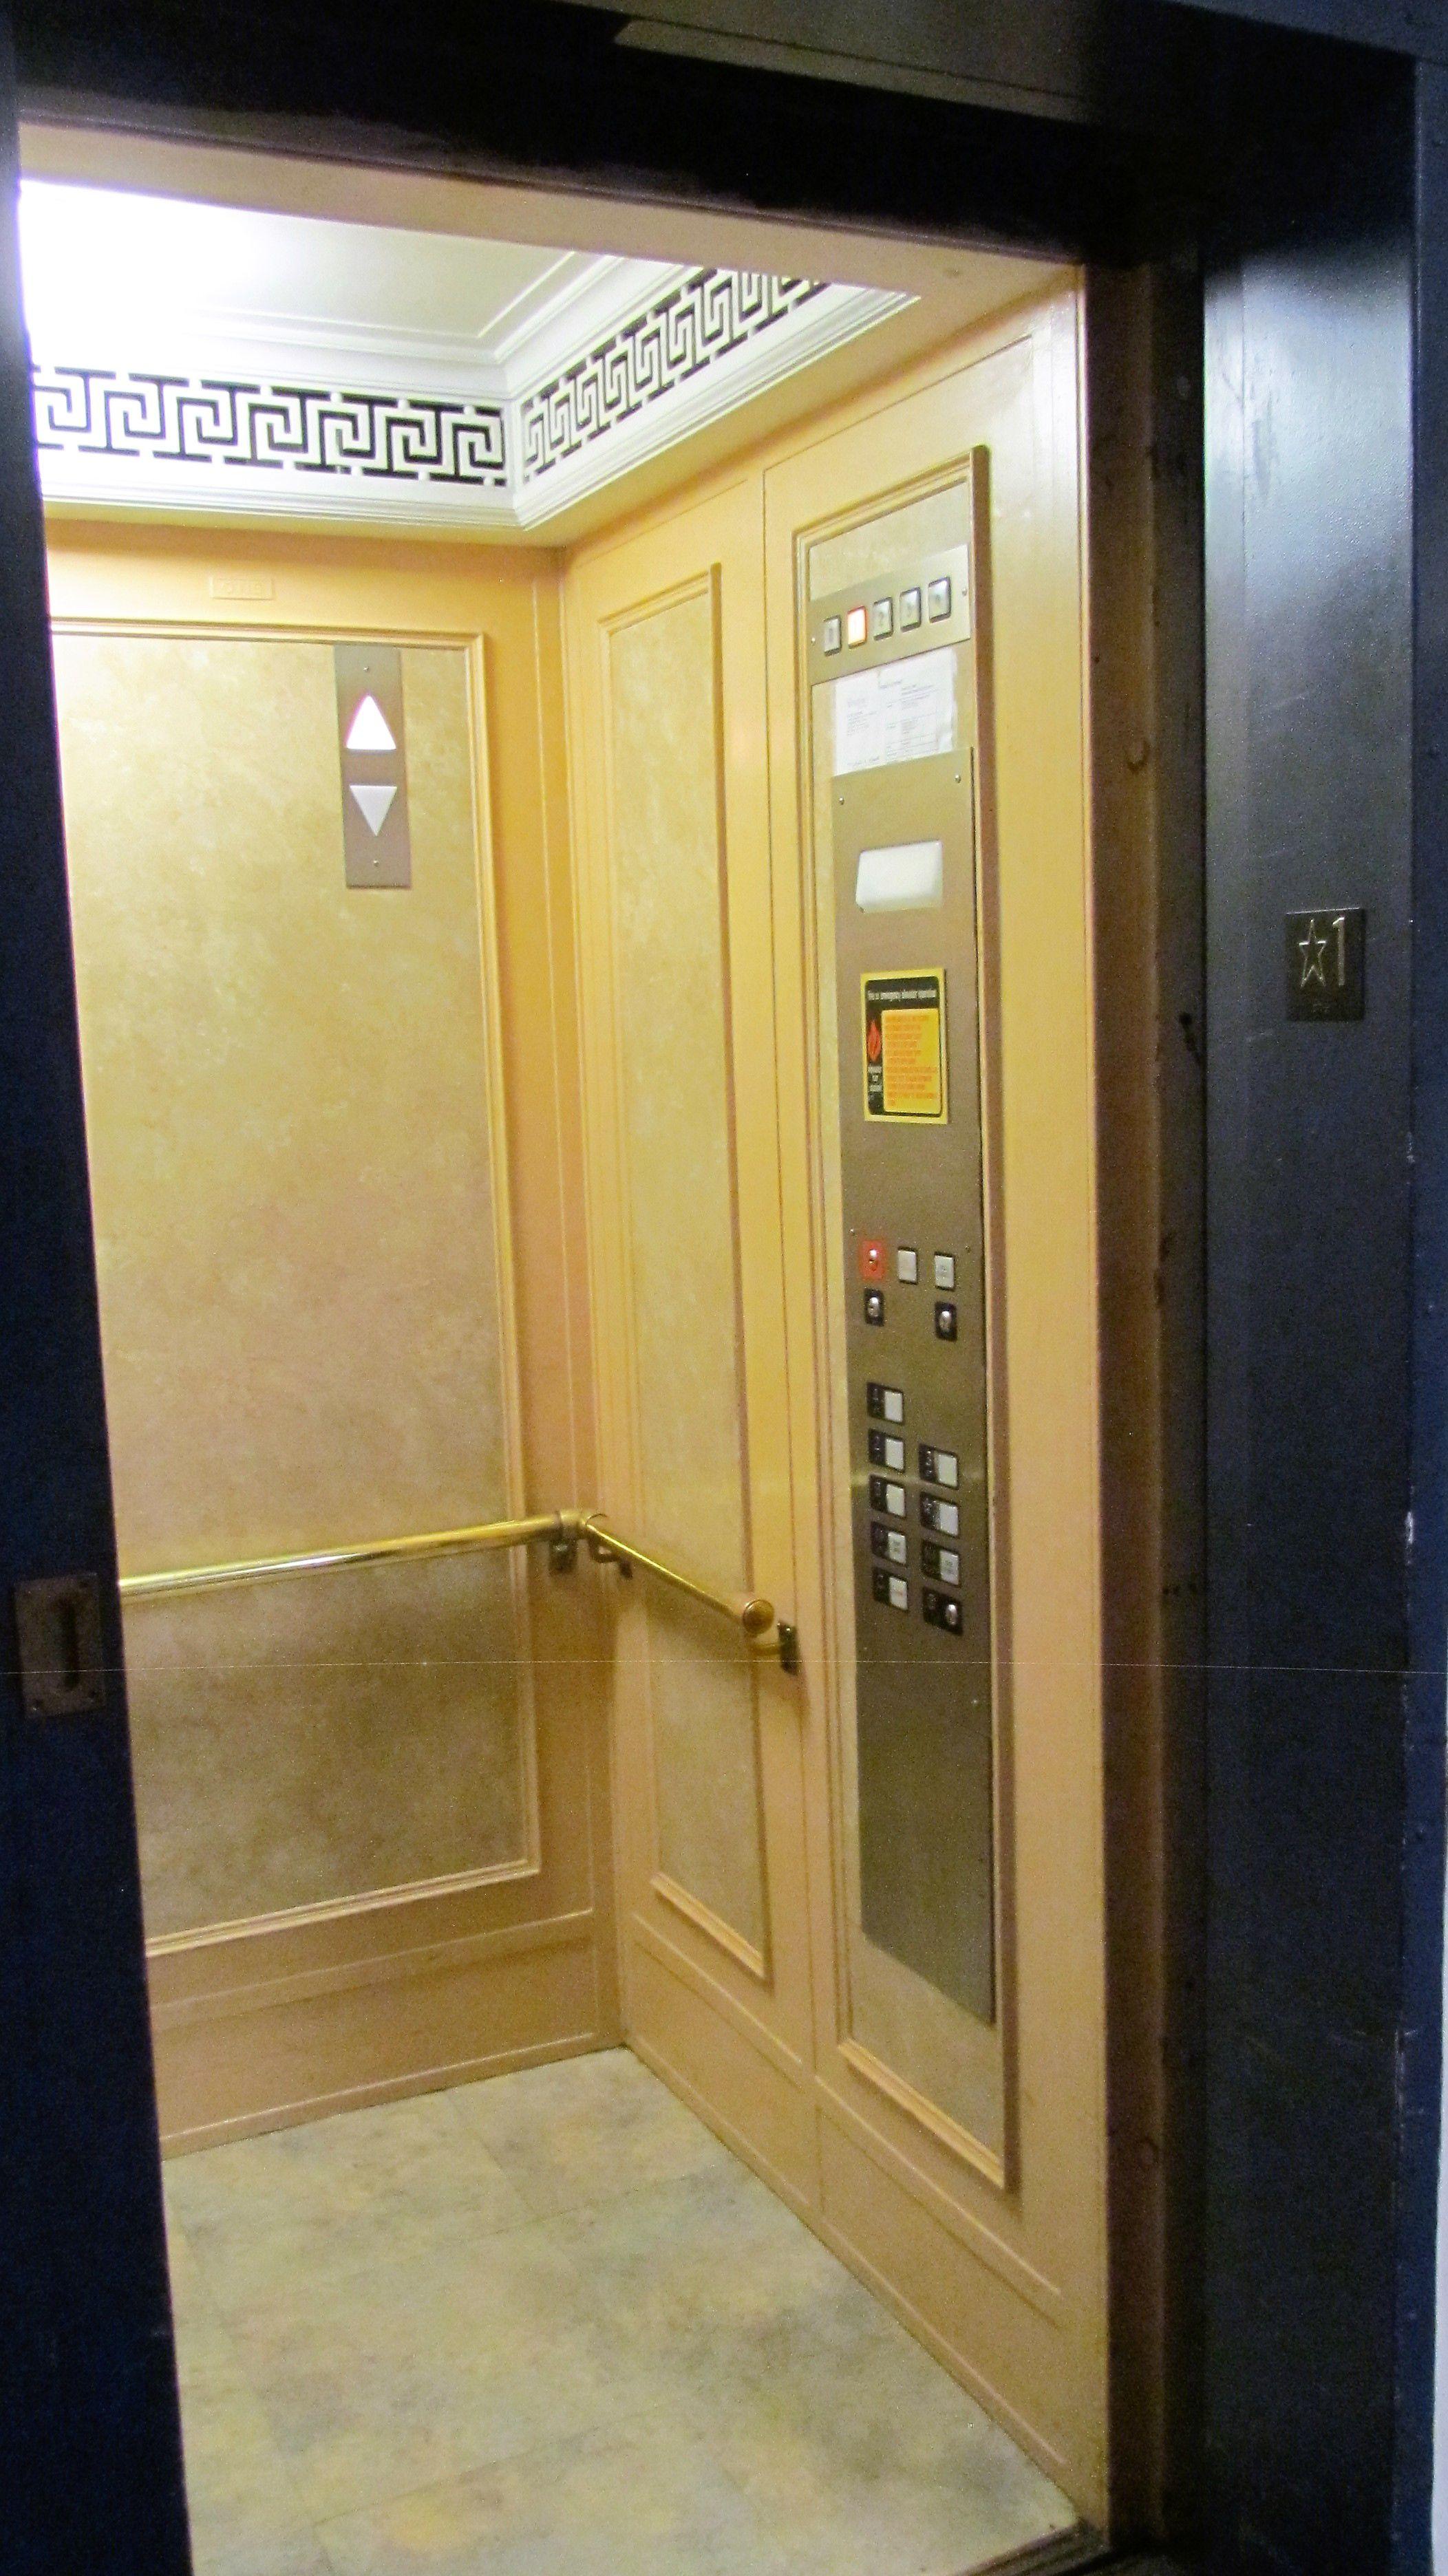 Senior Apartments image 1